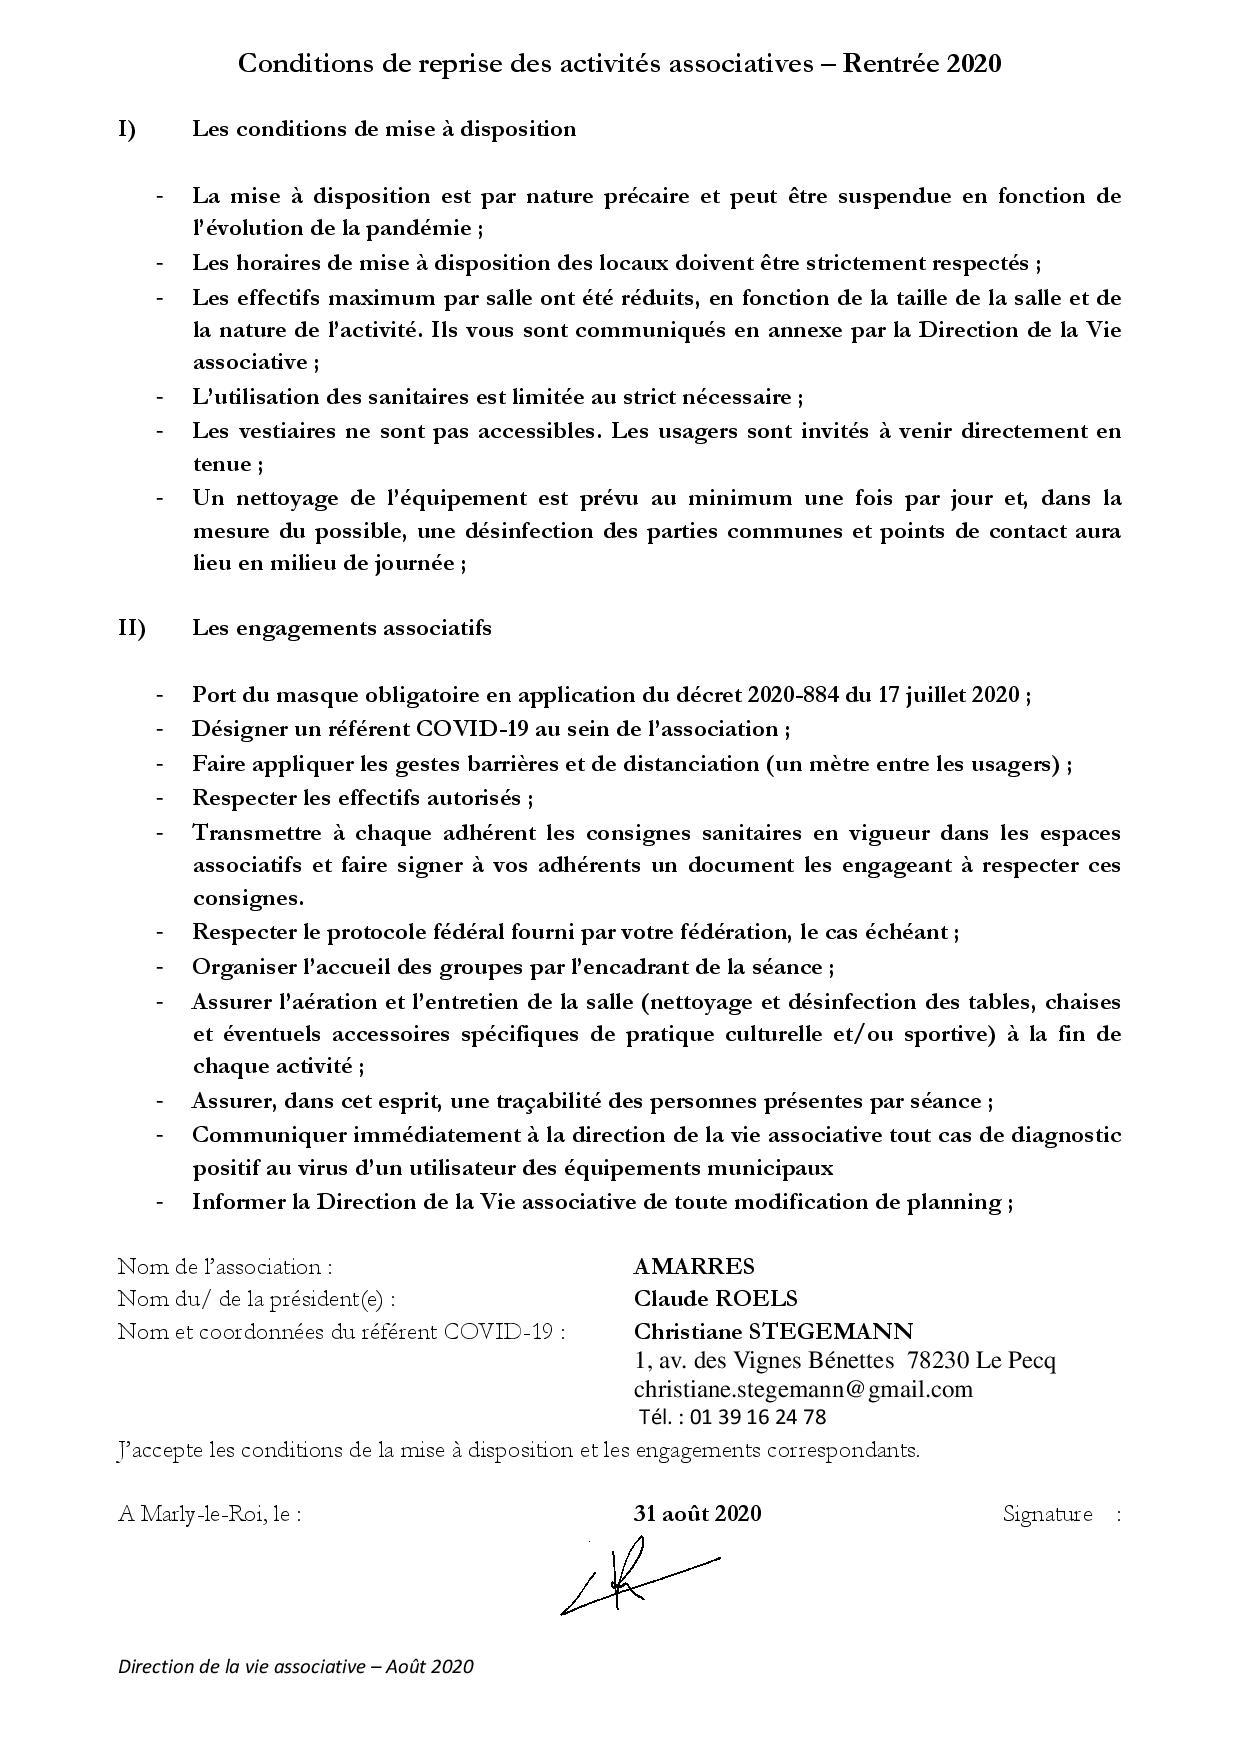 Conditions de reprise des activités Mairie _signé par Amarres_.jpg